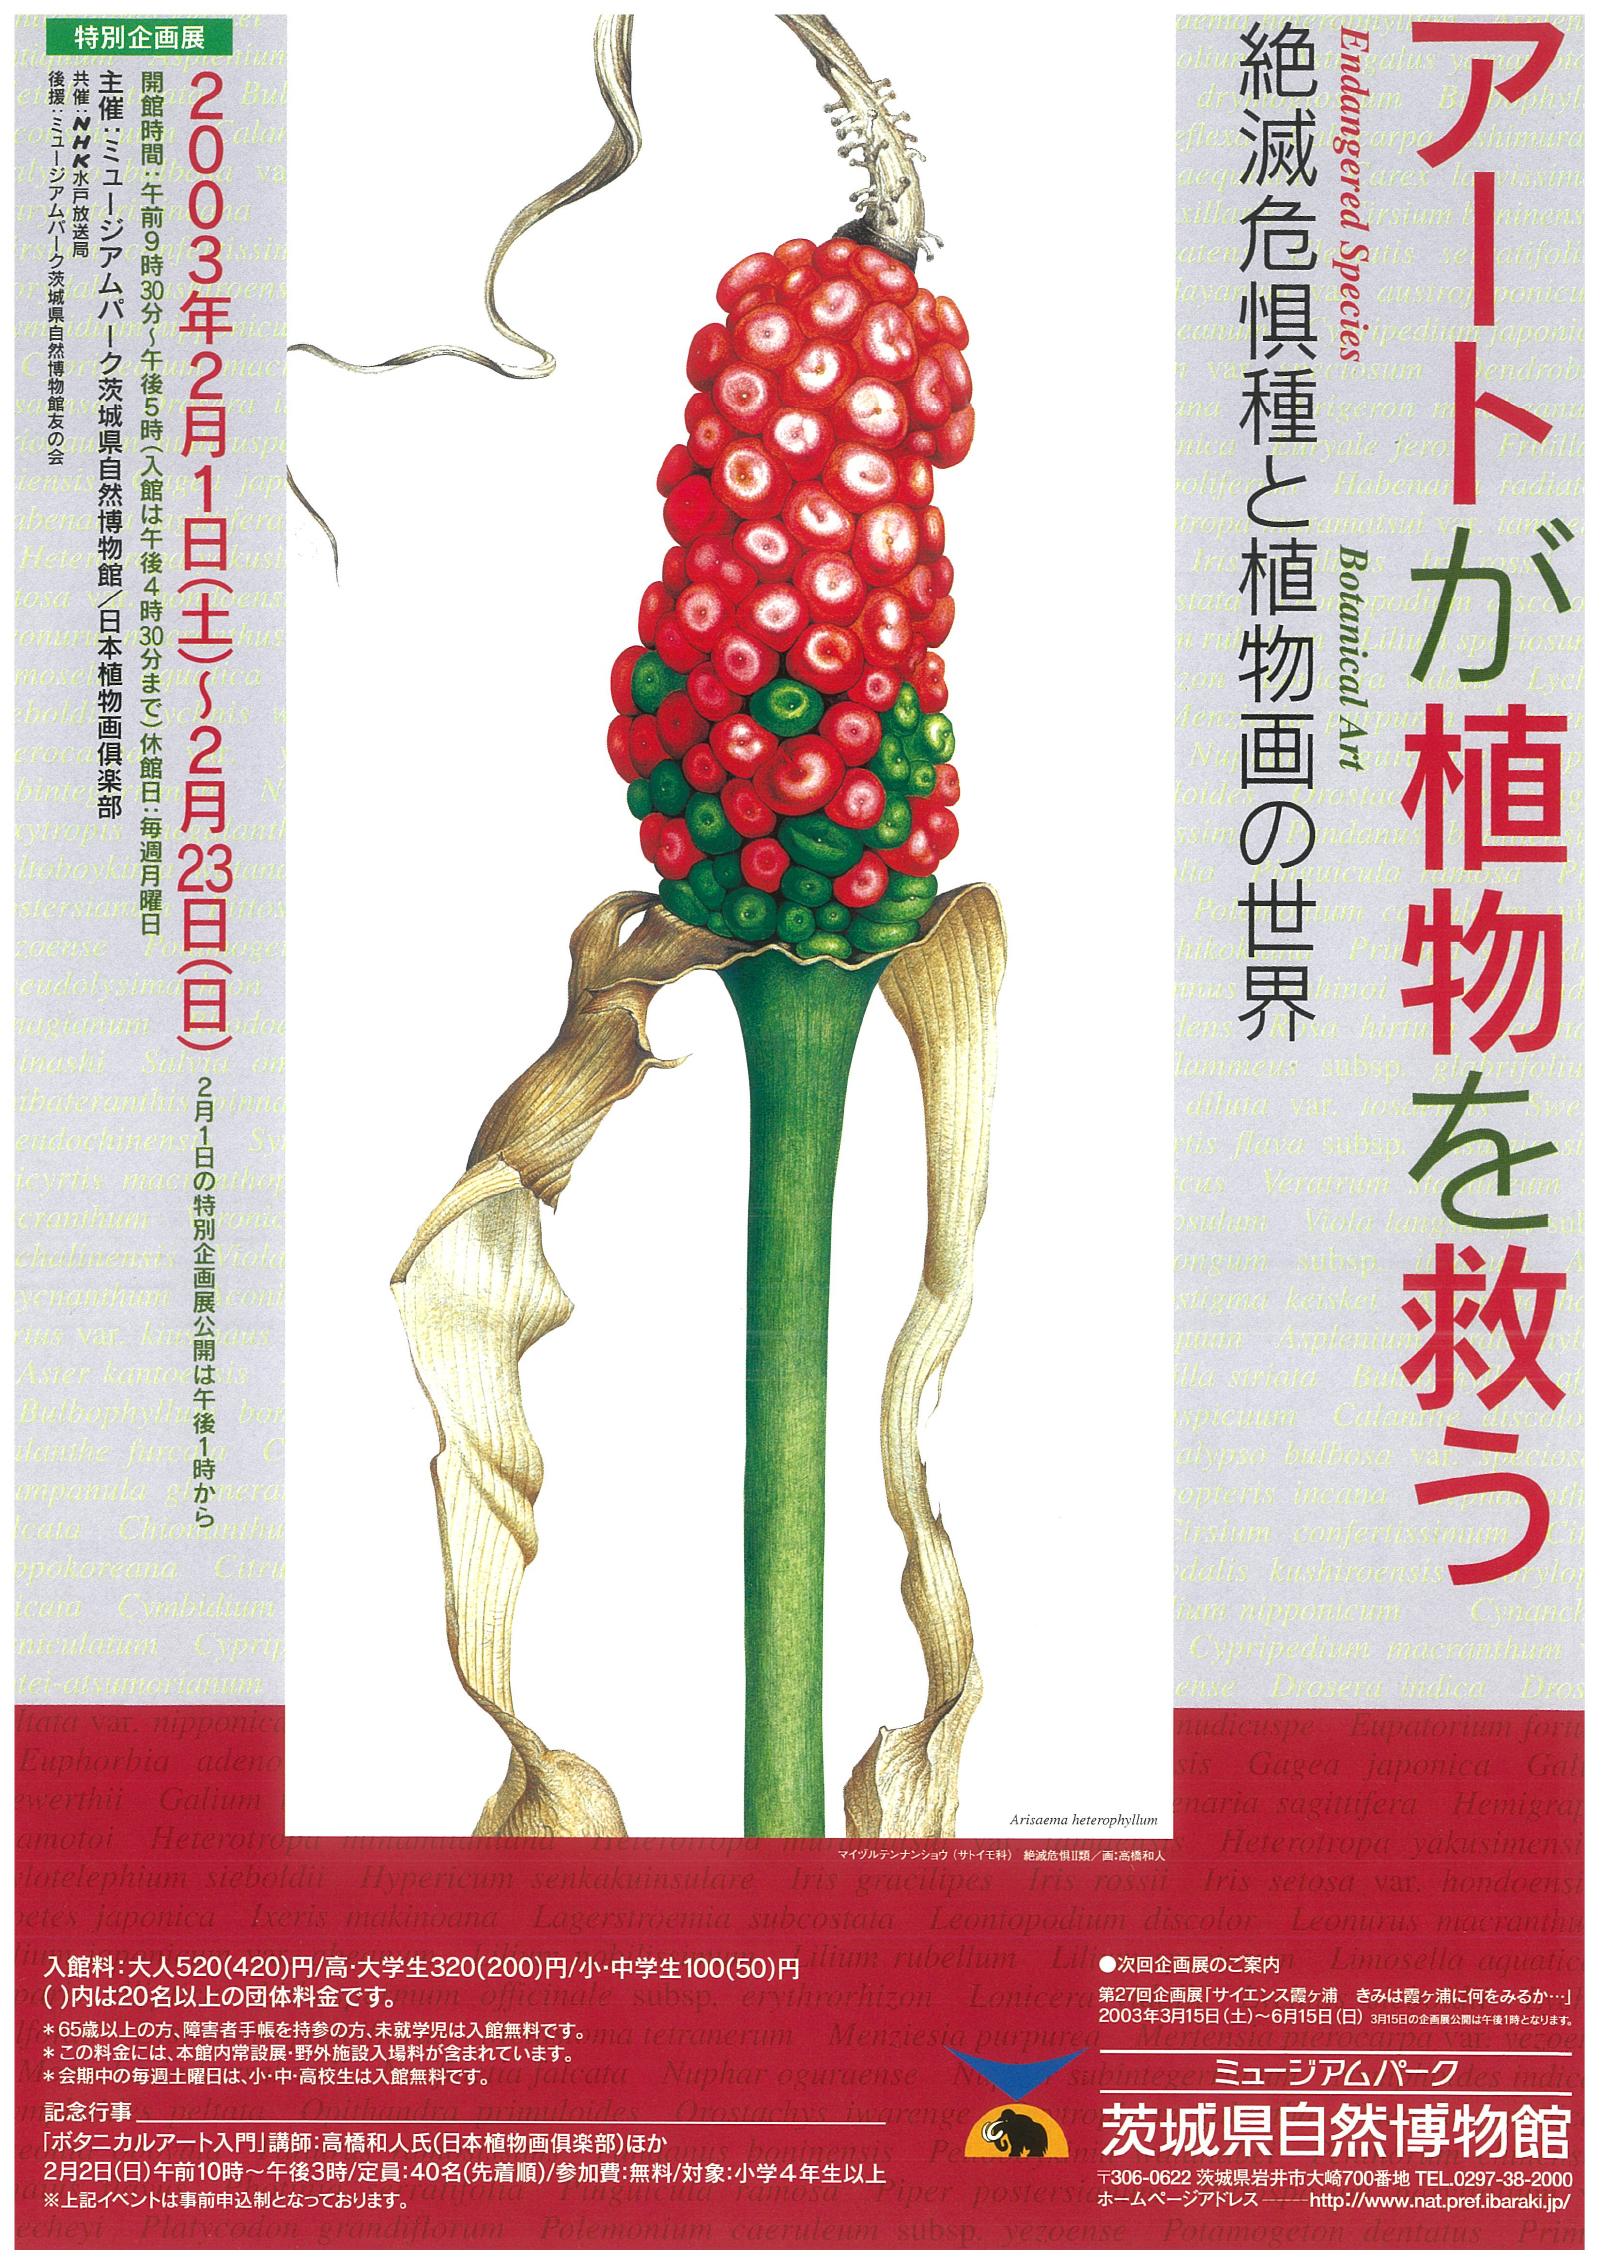 アートが植物を救う -絶滅危惧種と植物画の世界-